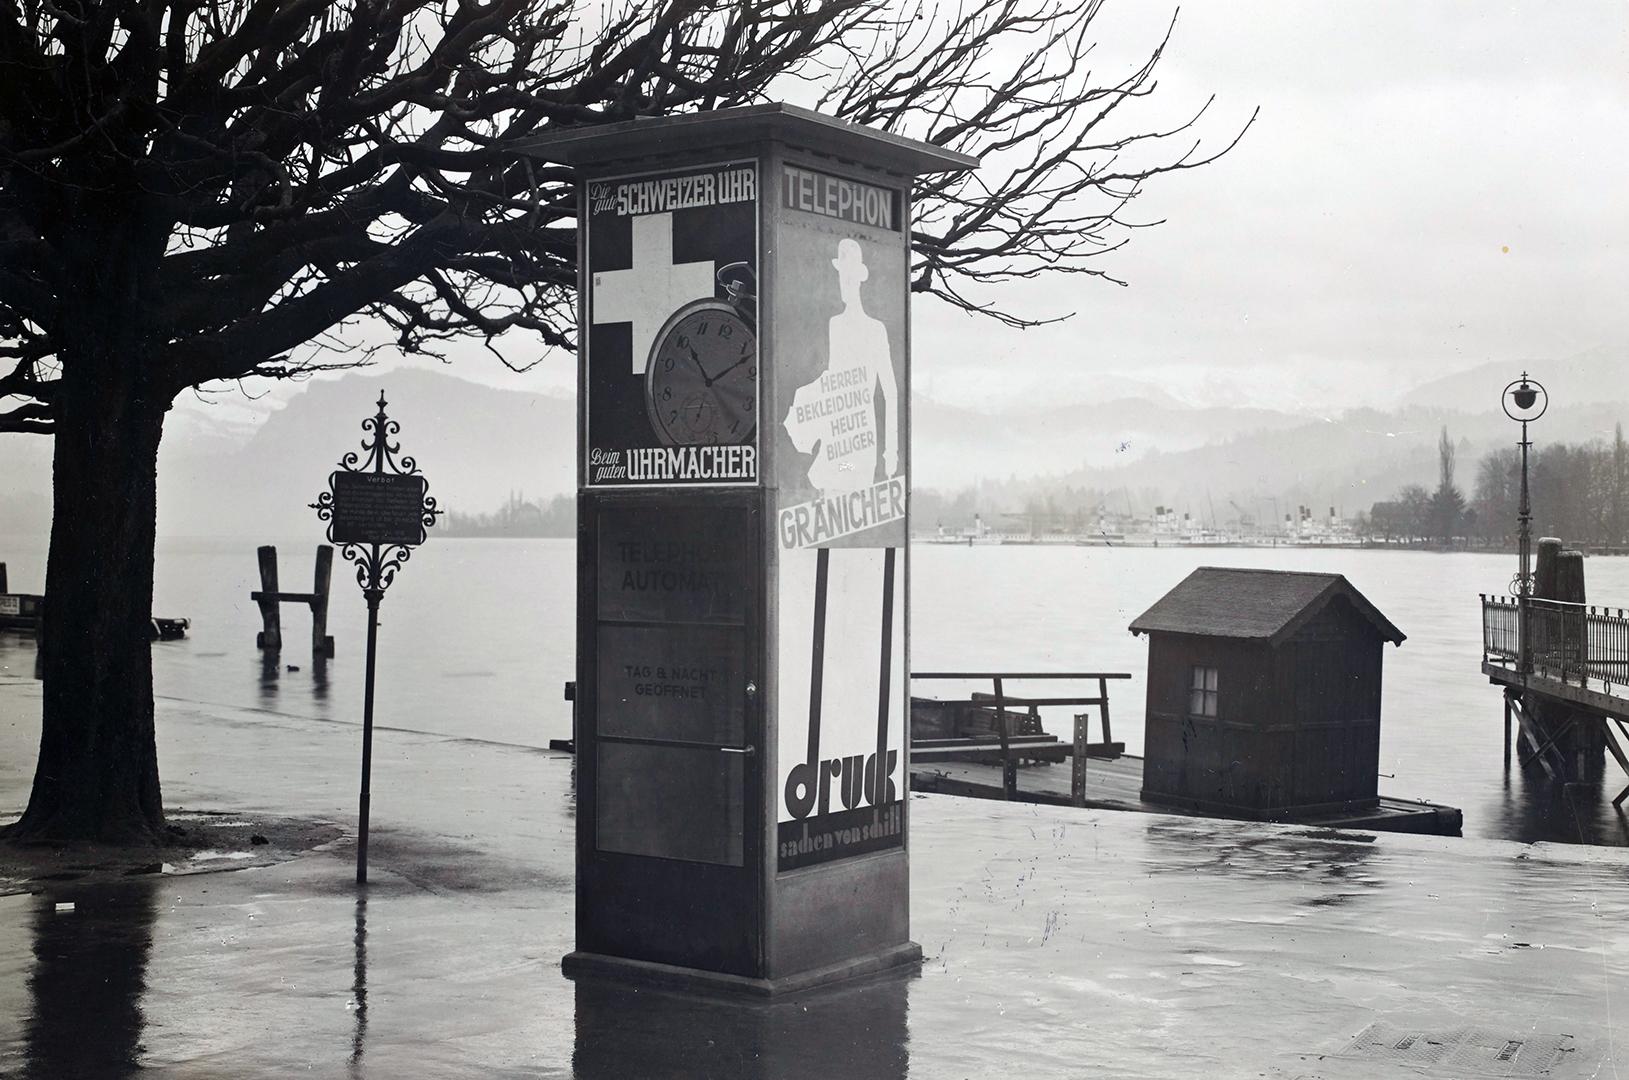 Litfasssäule mit Telefonkabine an der Seepromenade in Luzern. Aufnahme von ca. 1932.